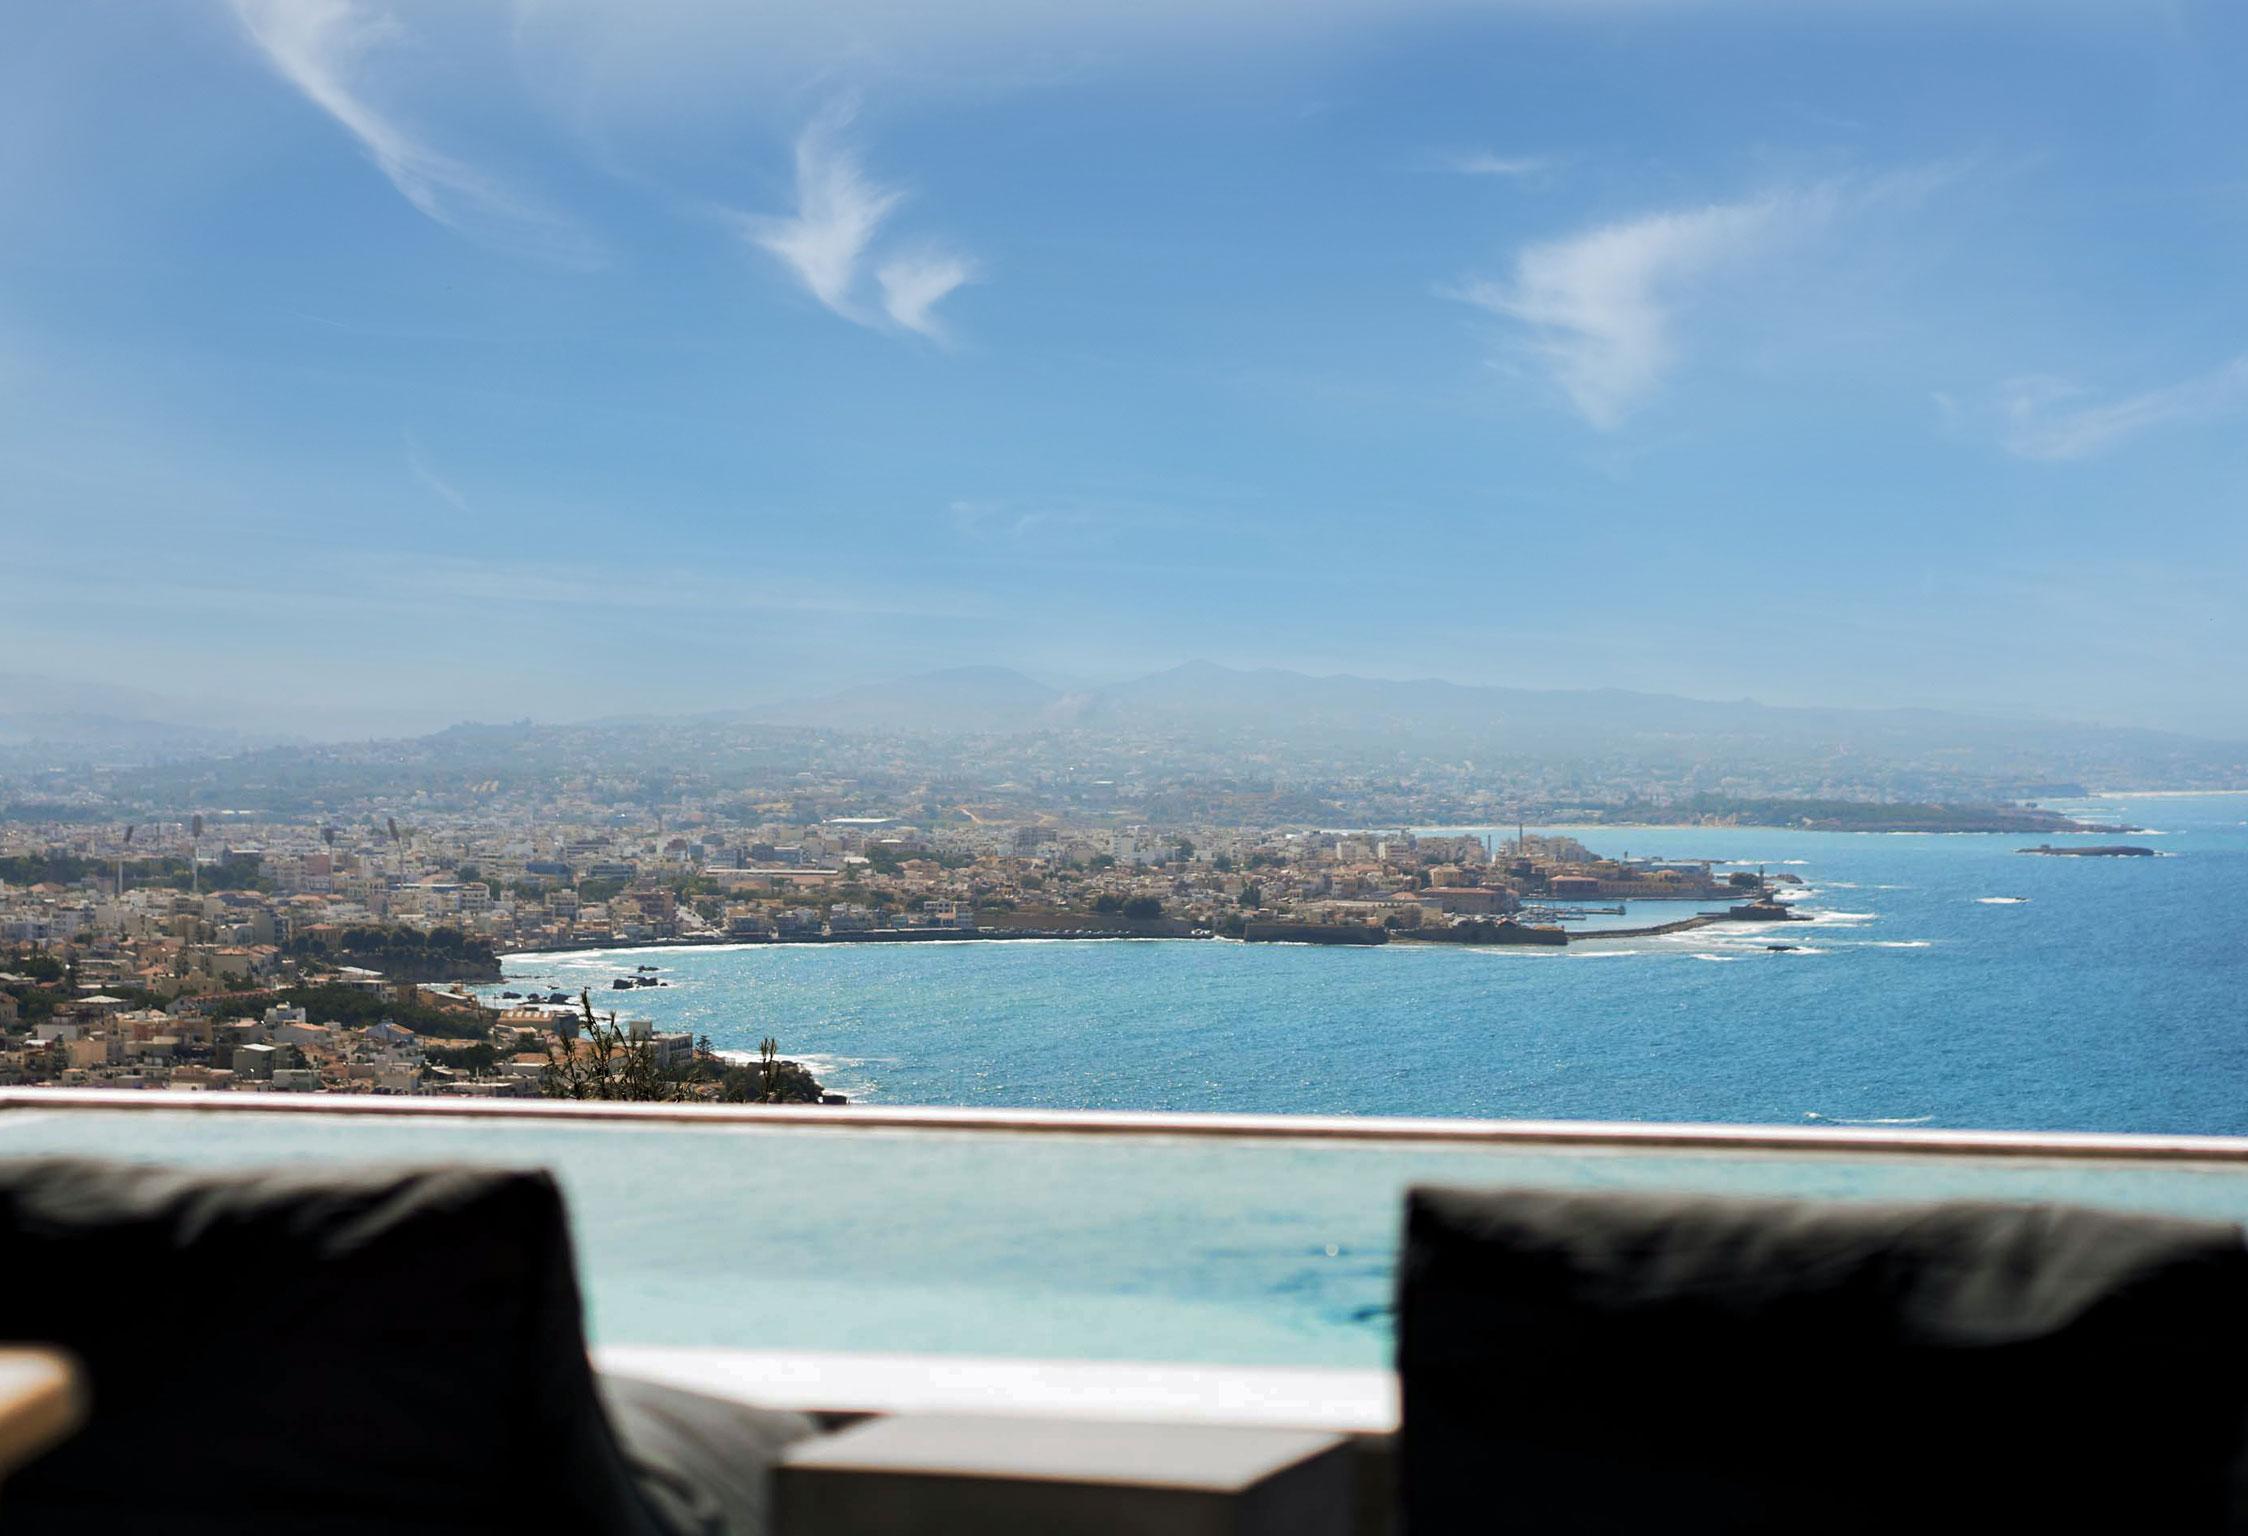 Crete Villa Michelle II jumbotron image